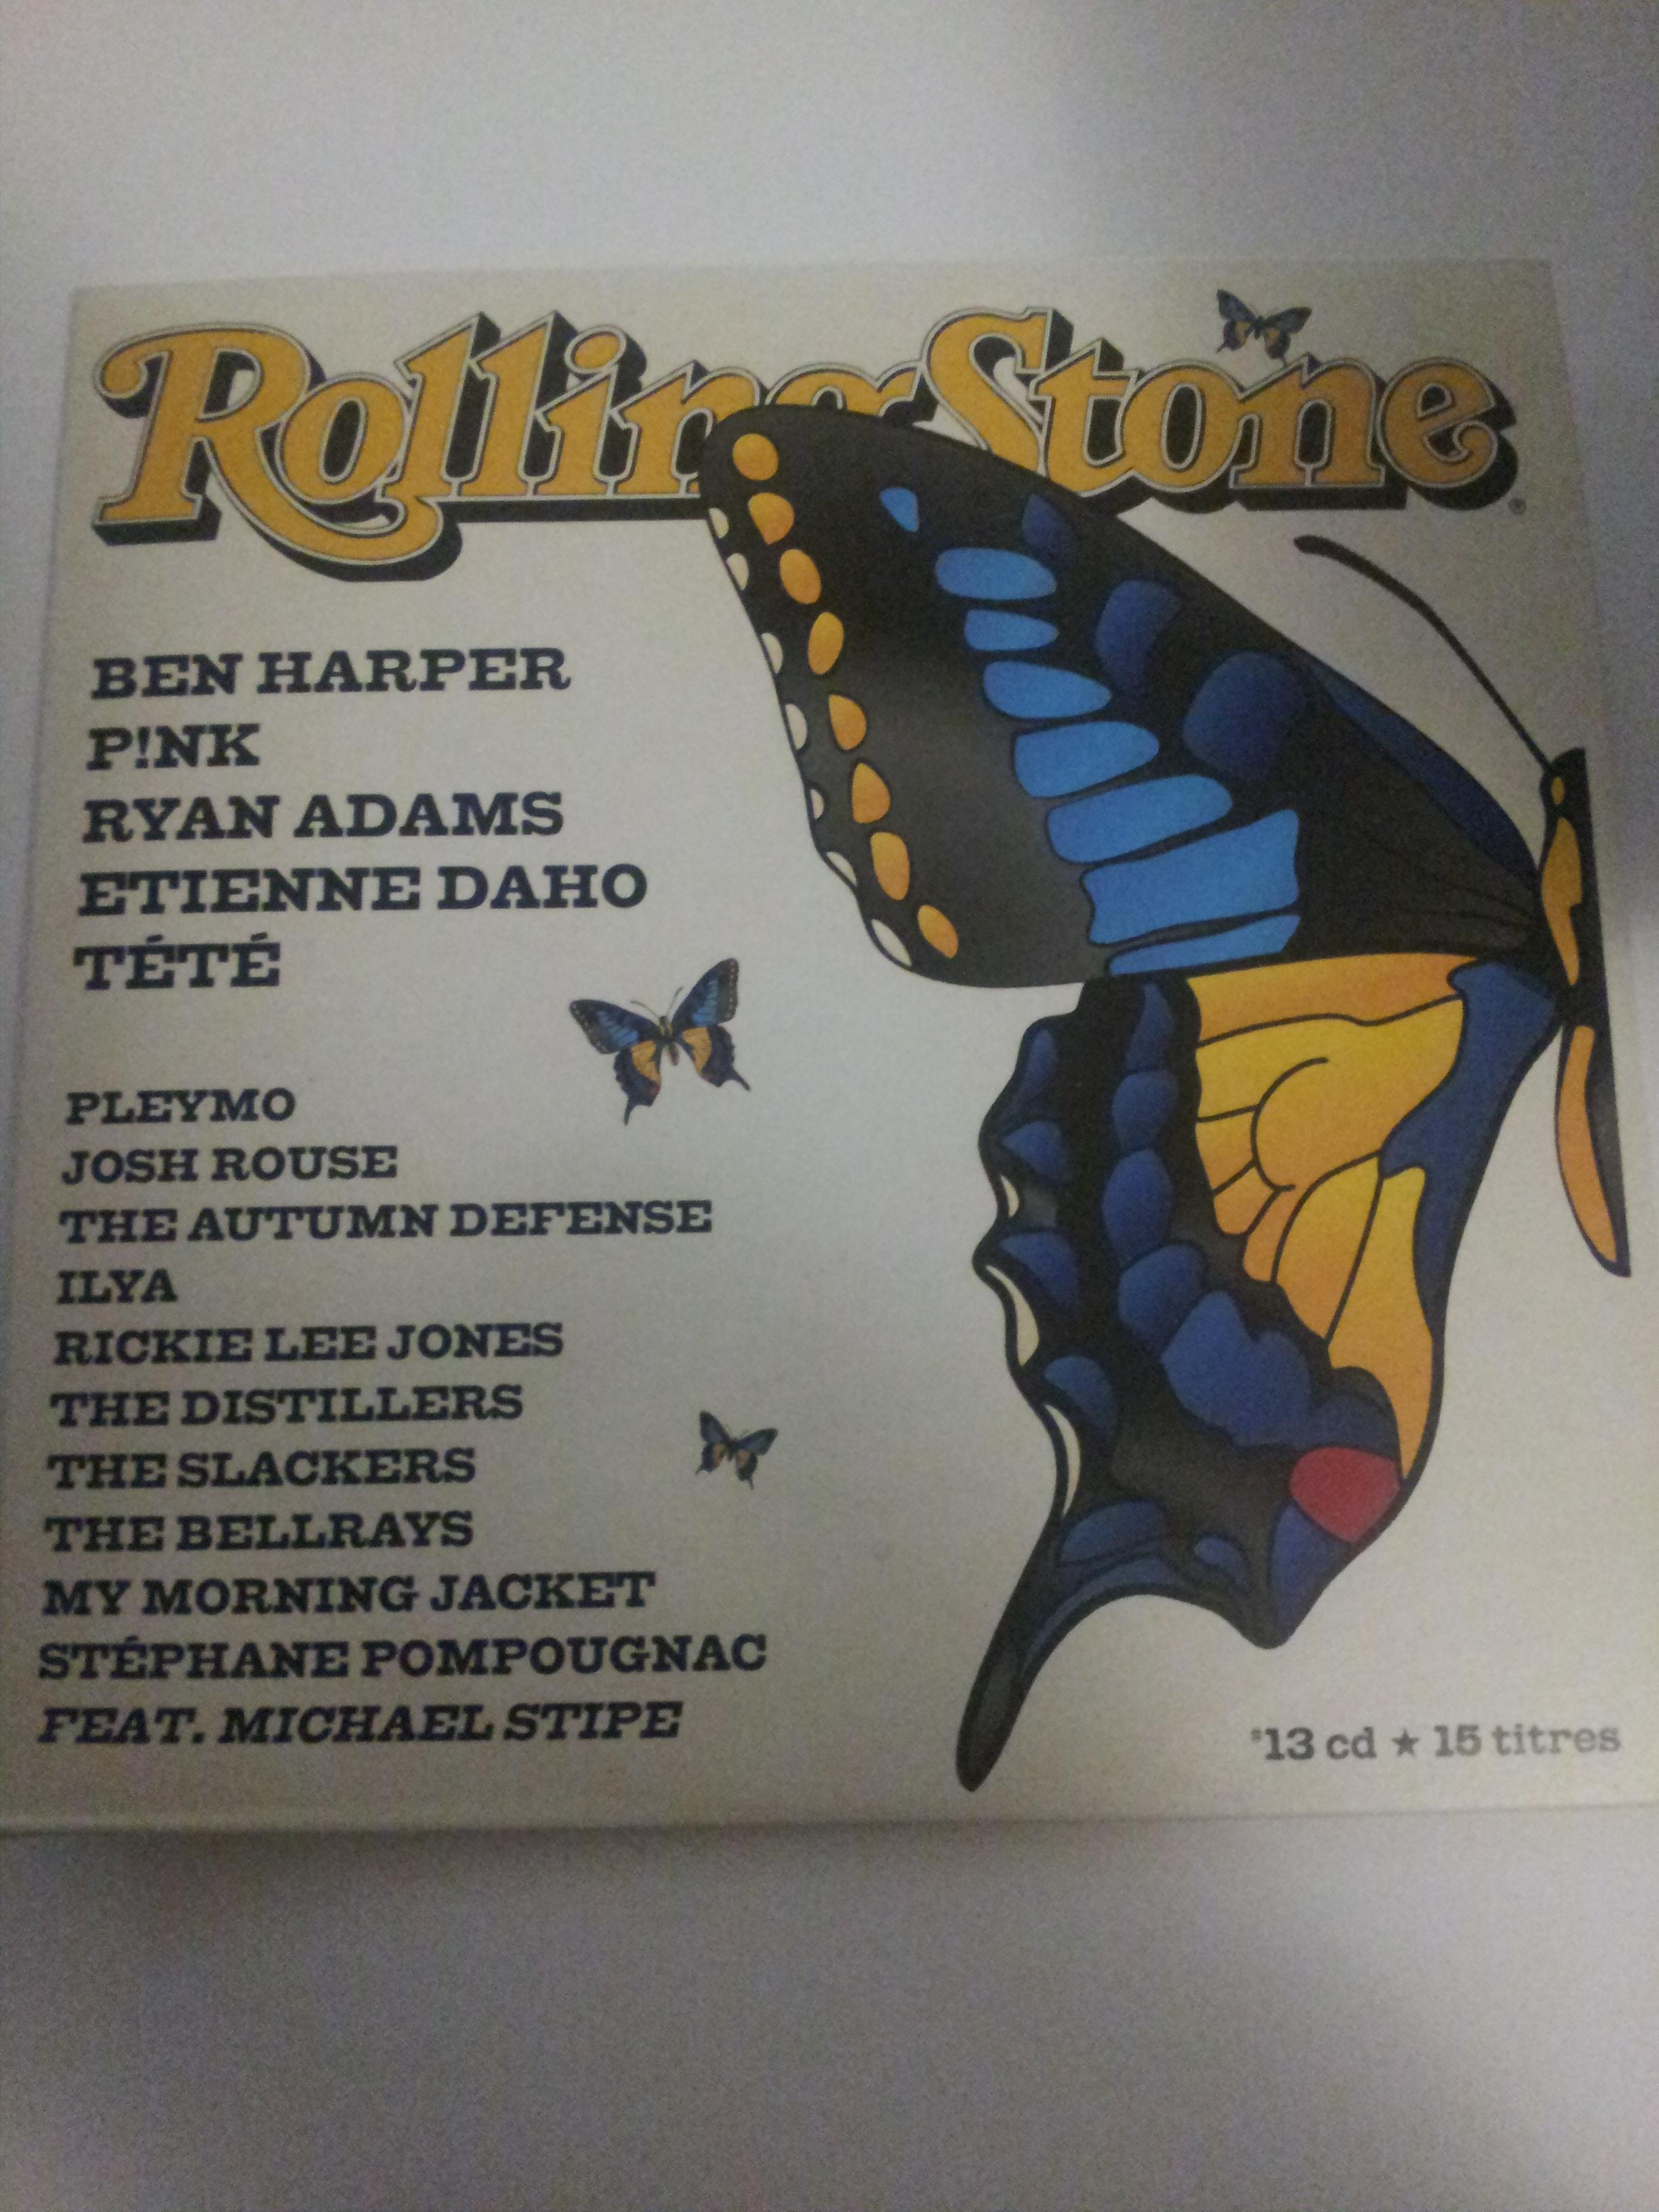 troc de troc compil' du magazine rolling stone image 0